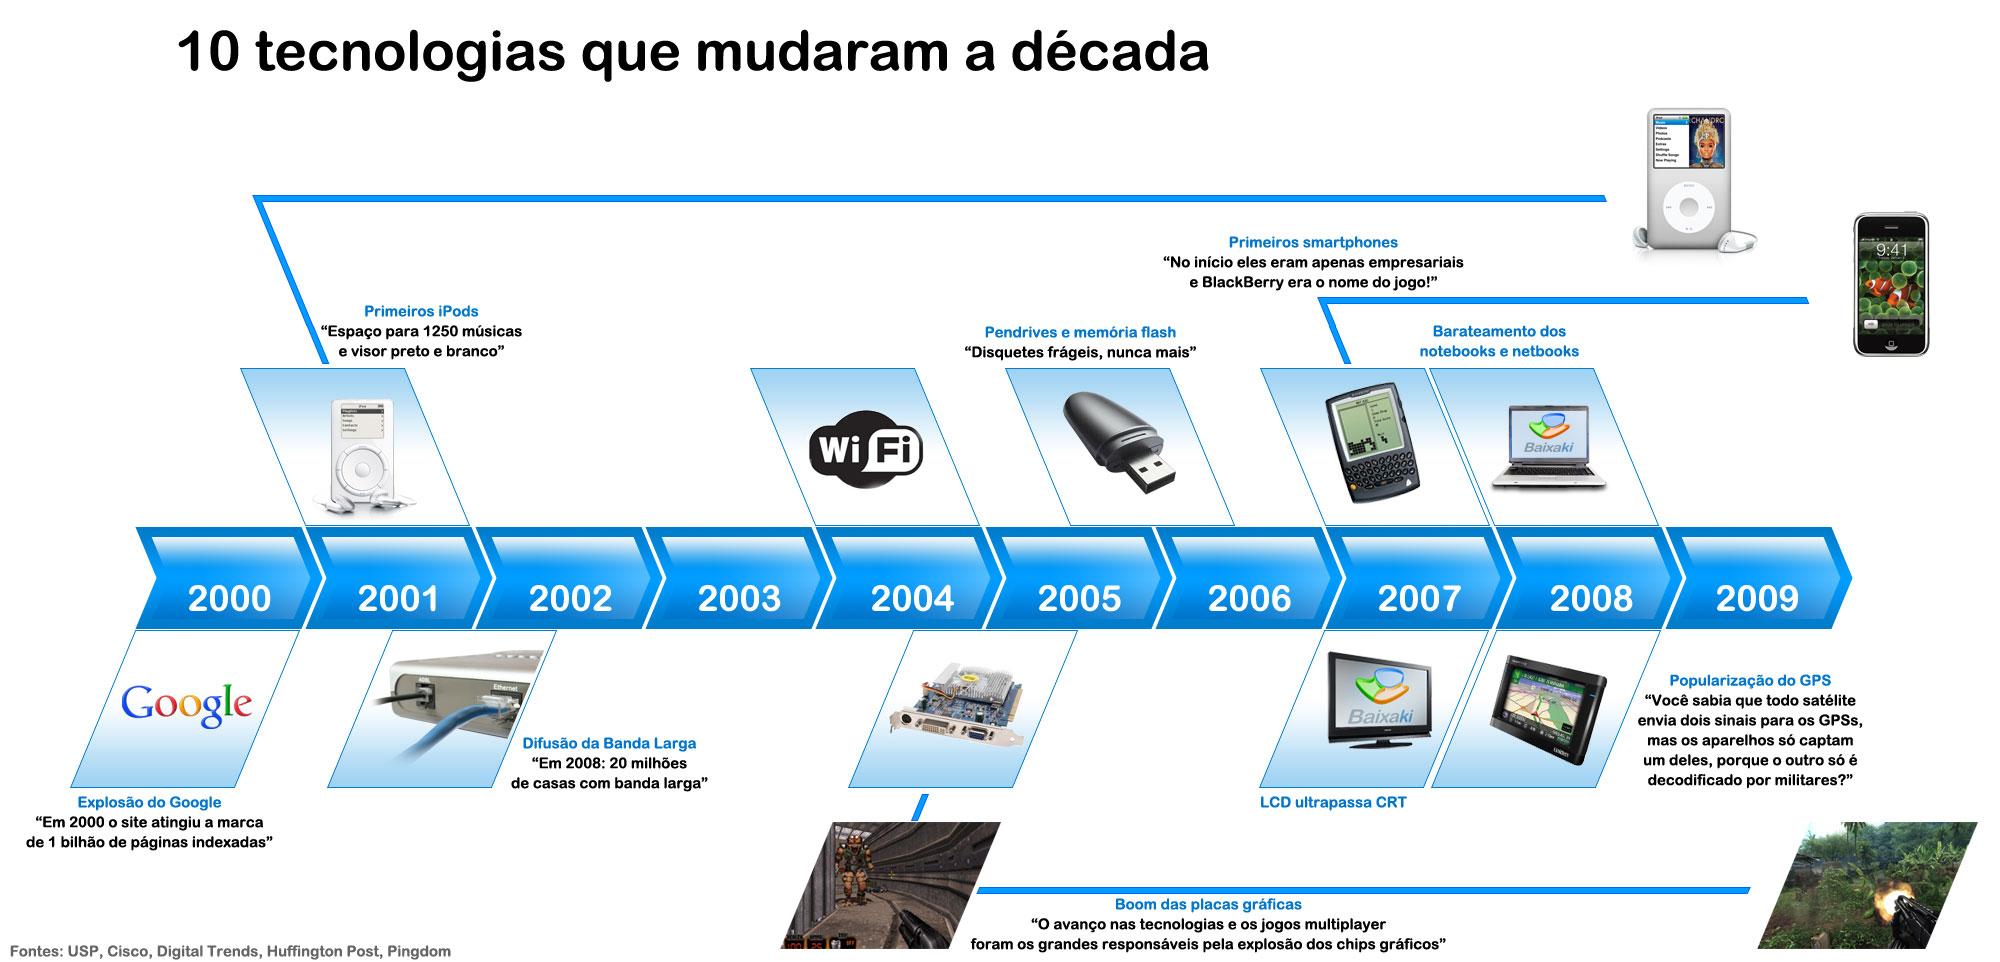 Linha do tempo das tecnologias